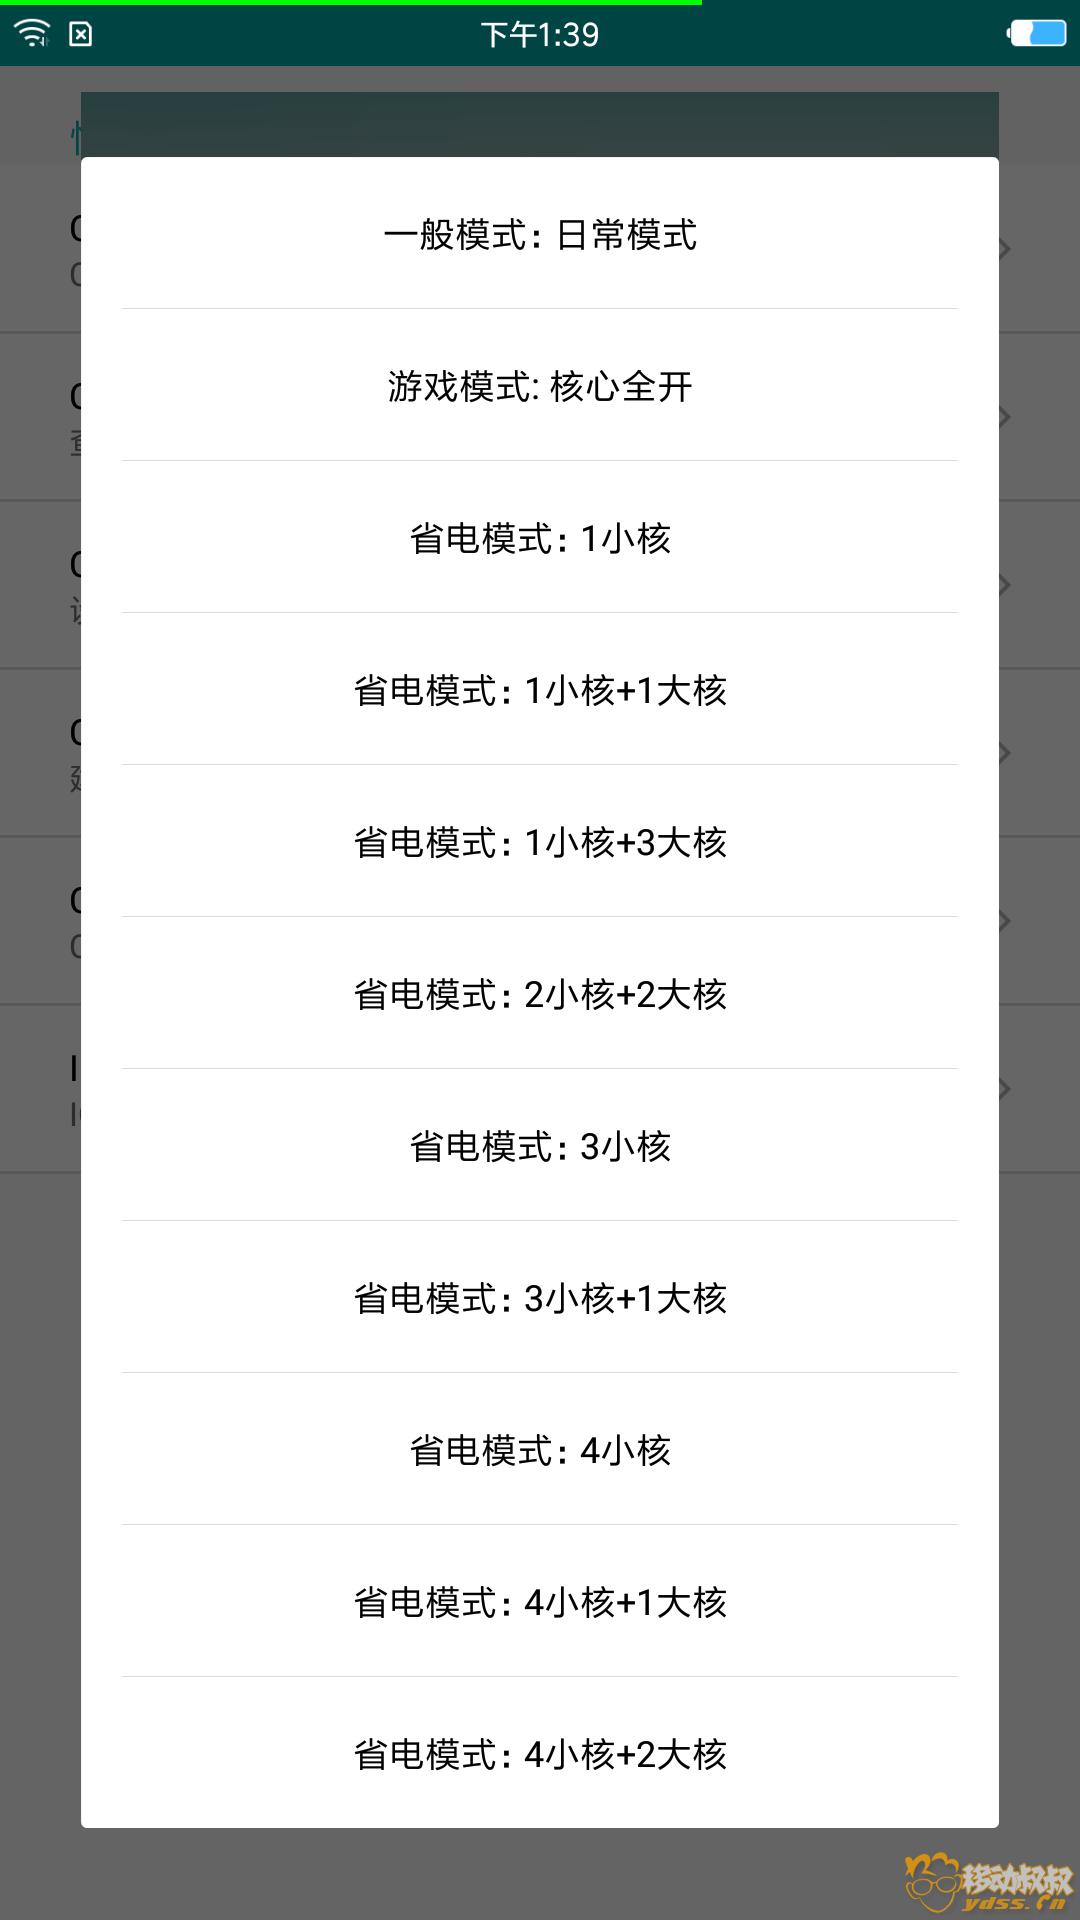 Screenshot_2018-09-19-13-39-09-012_com.lay.superTool.png